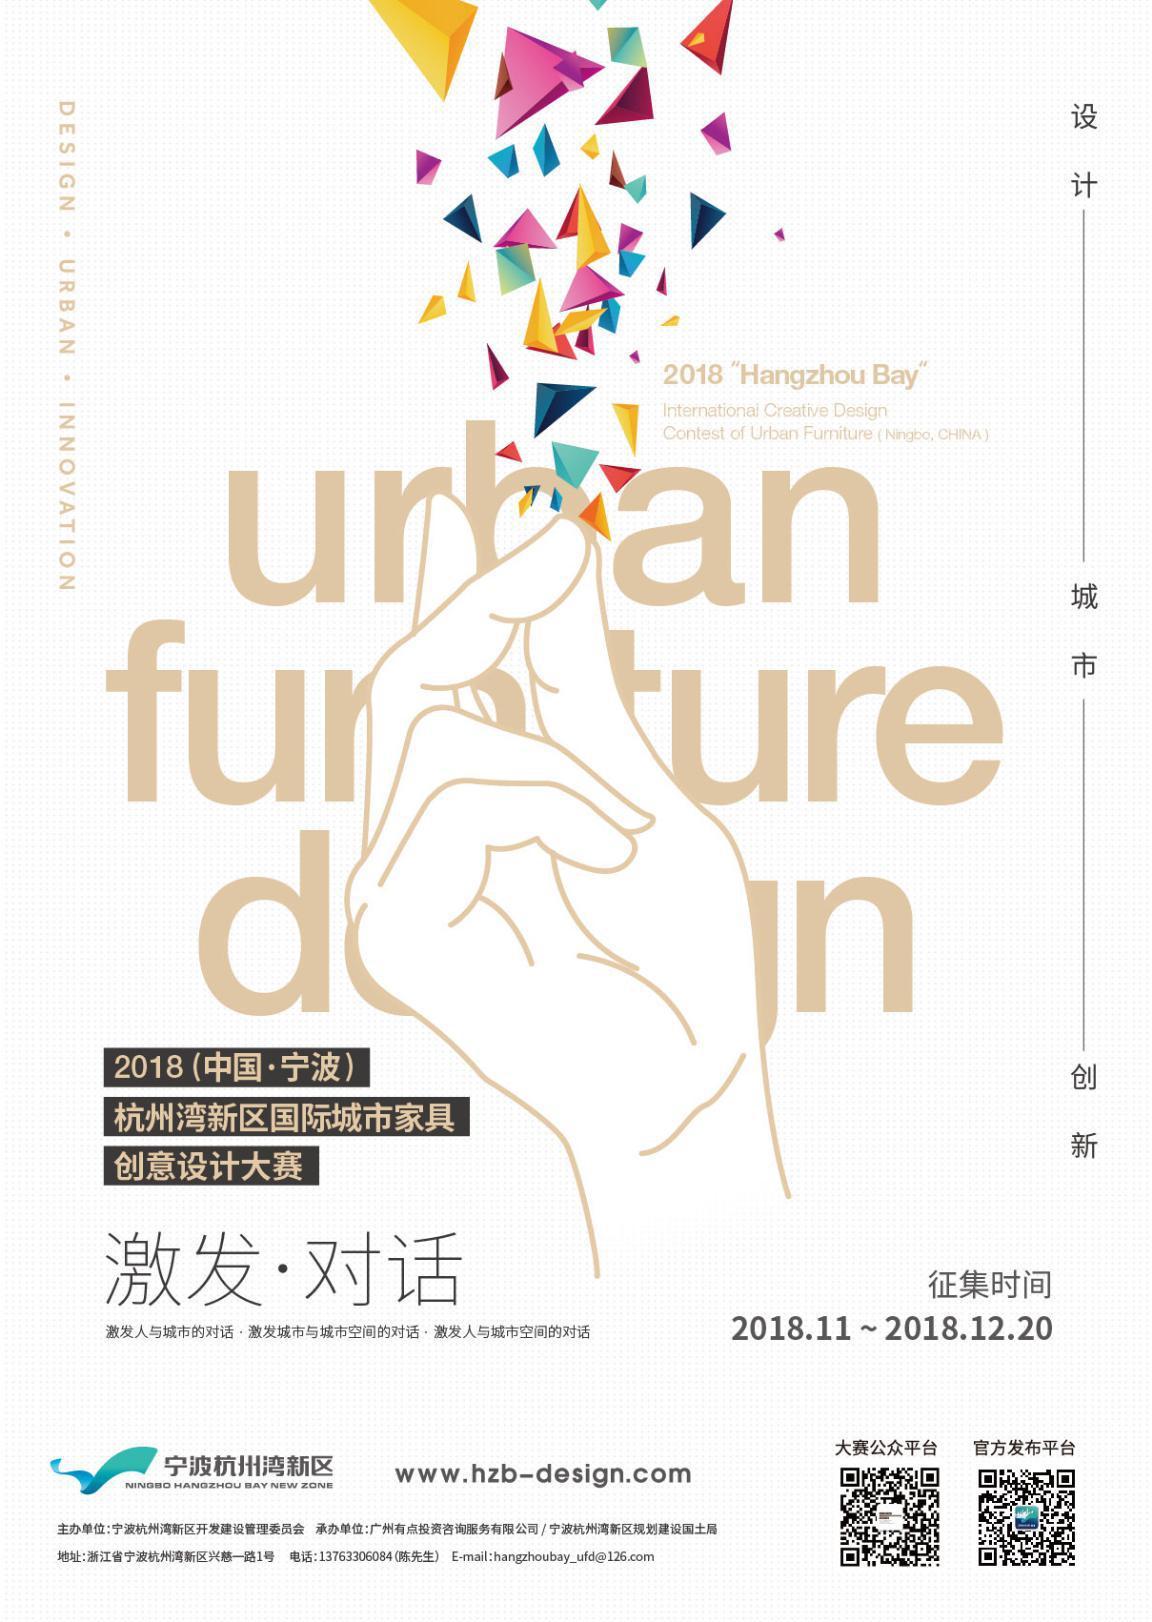 2018(中国·宁波)杭州湾新区国际城市家具创意设计大赛征集公告